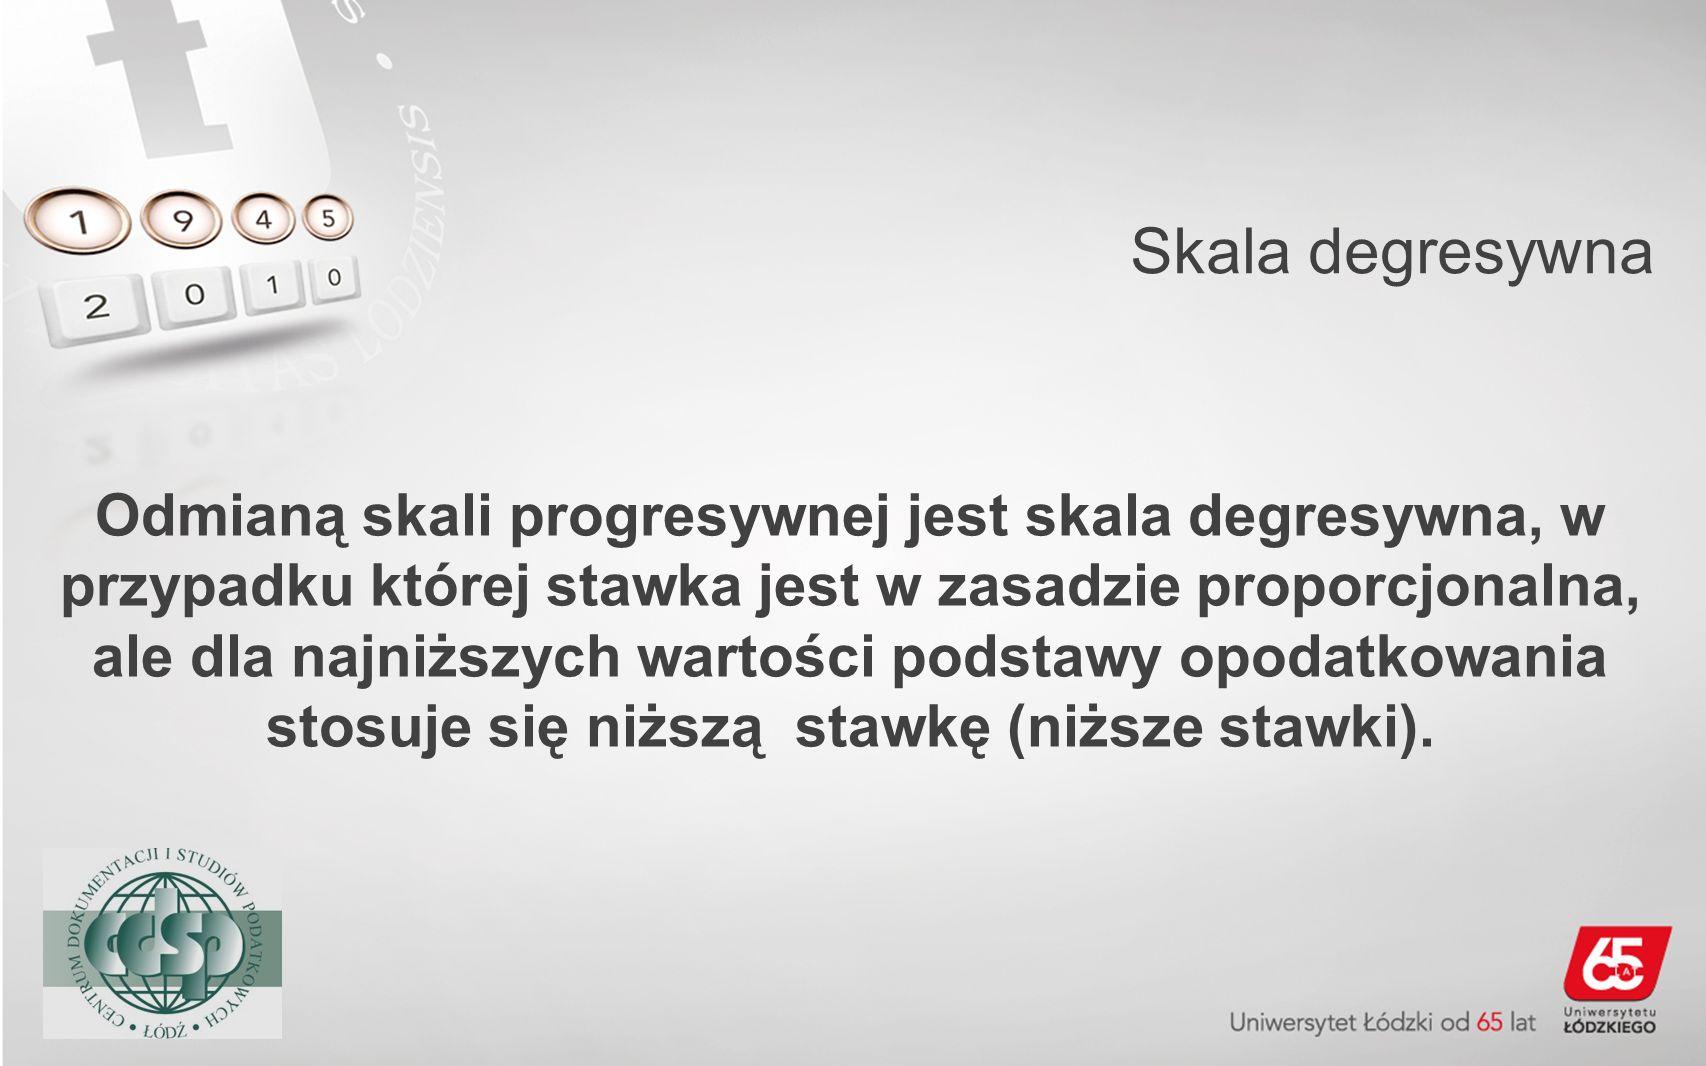 Skala degresywna